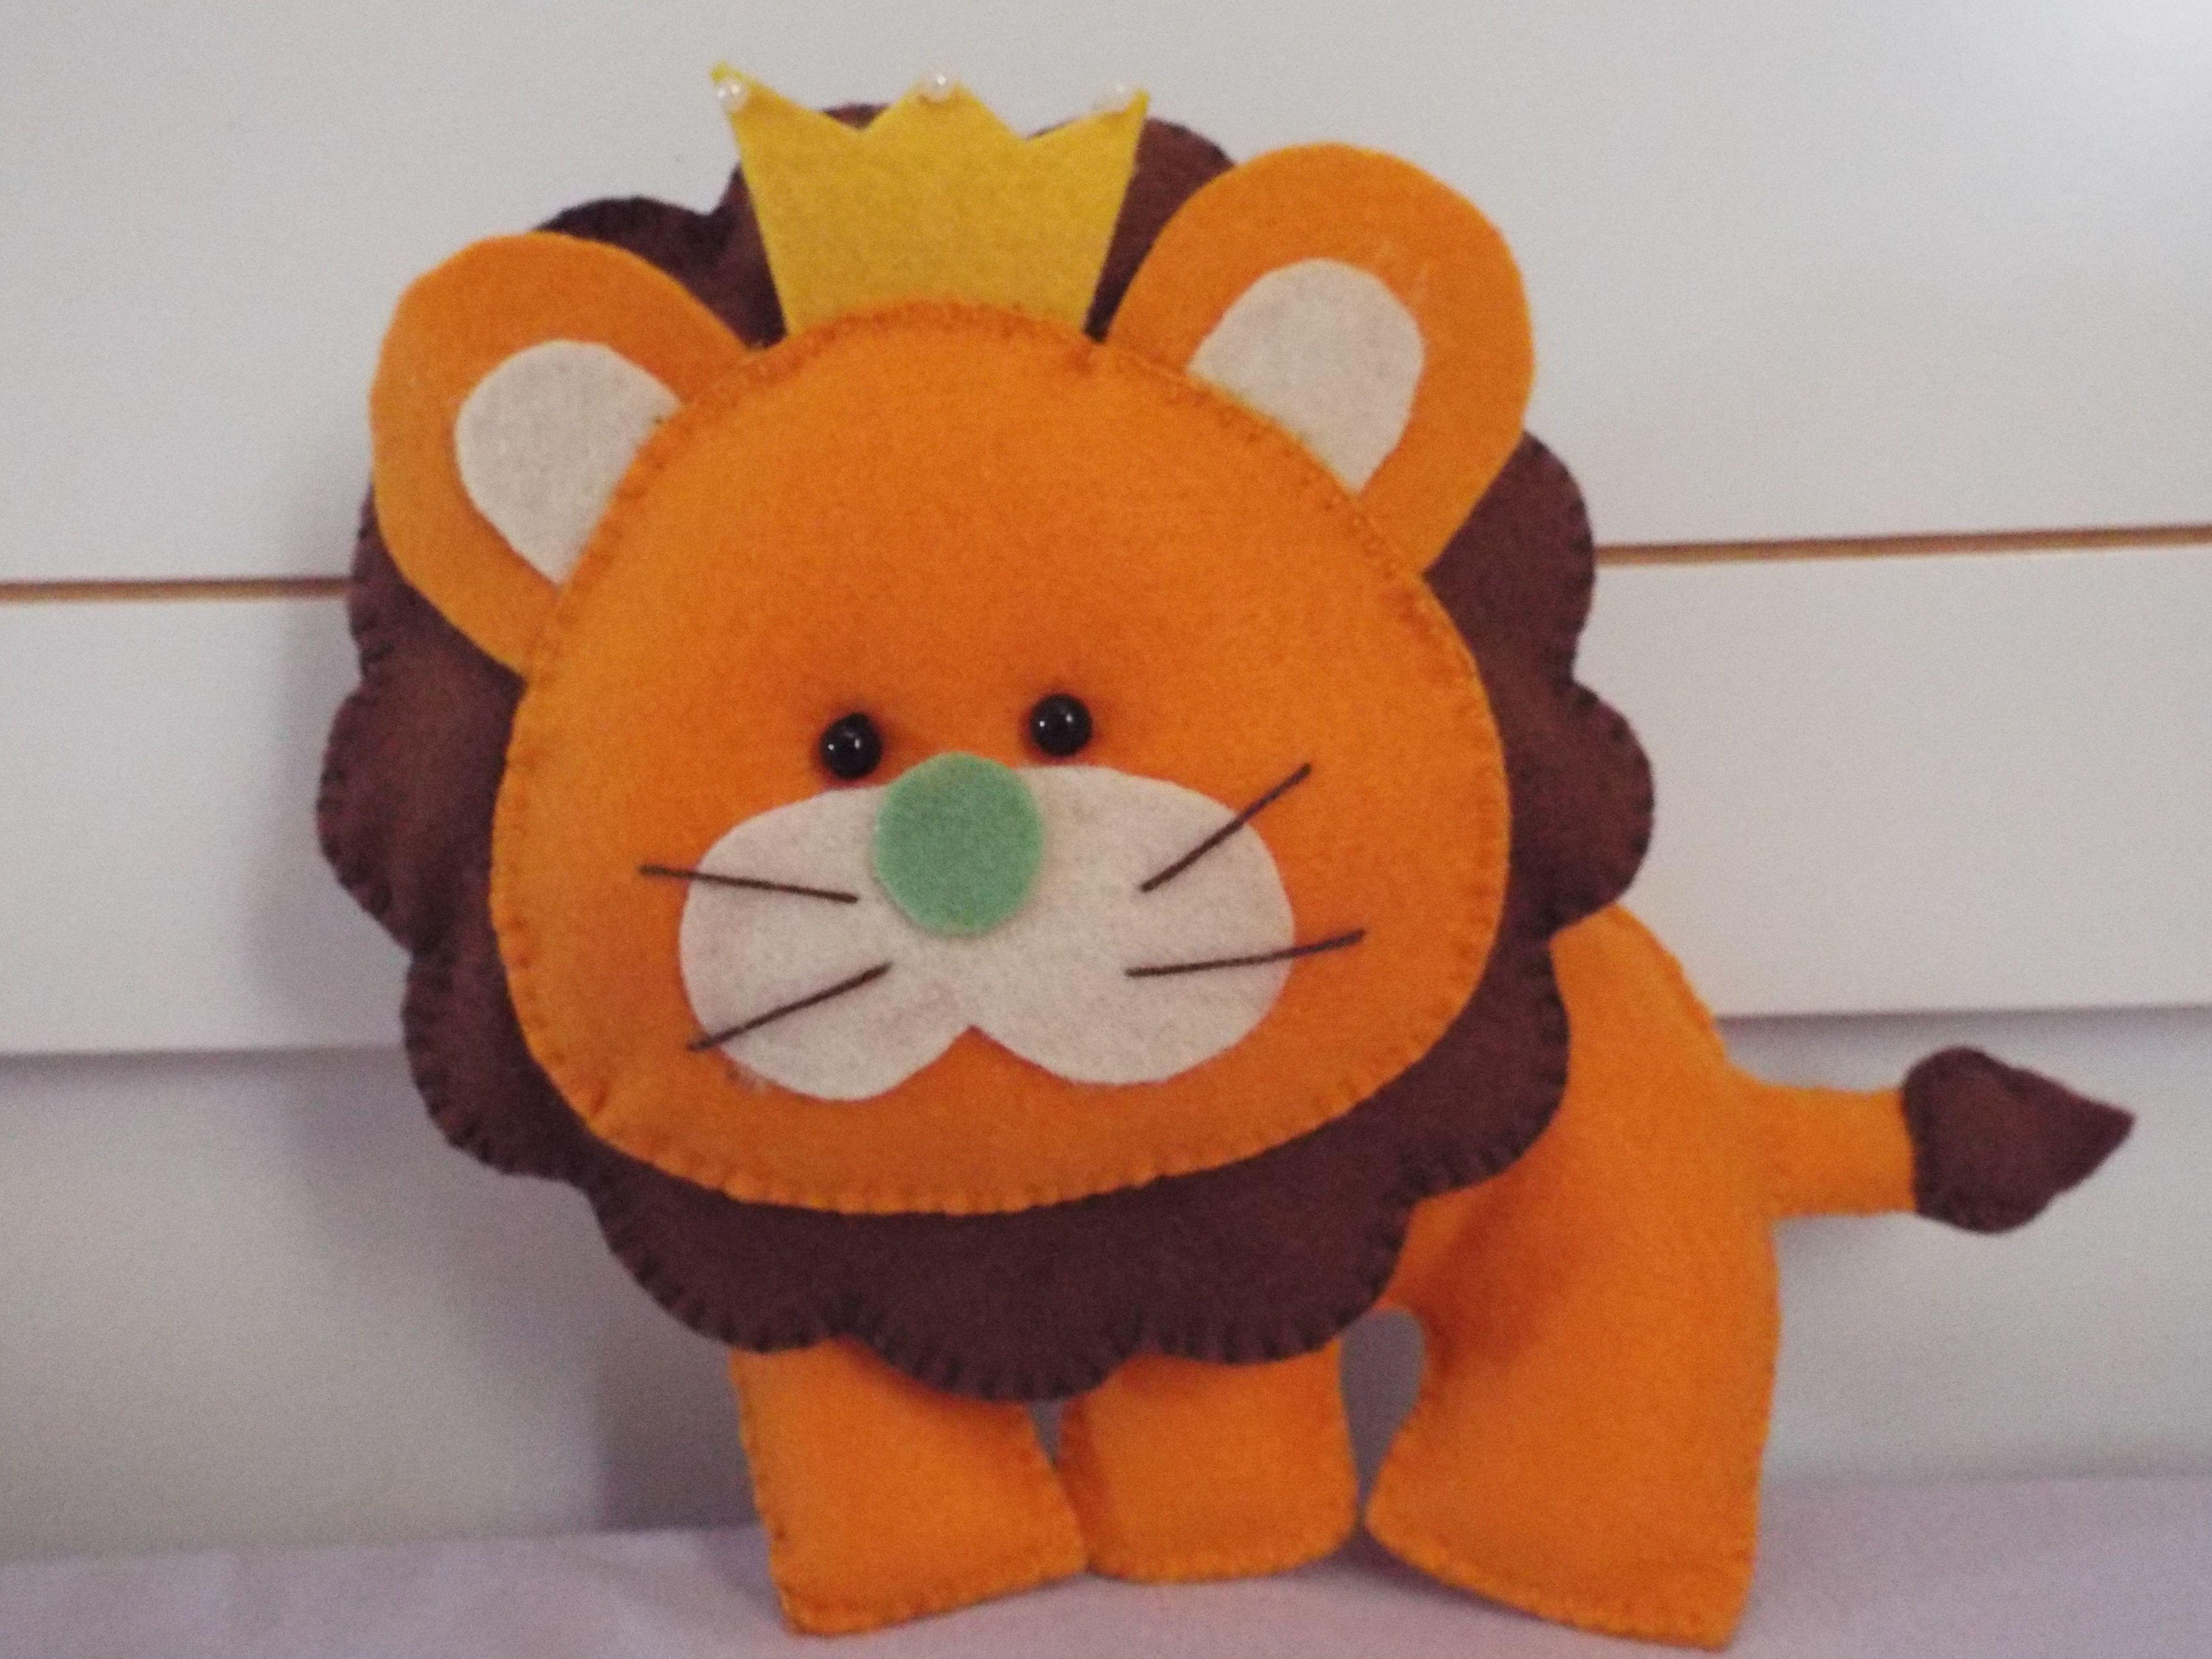 Leão em feltro by Lu Augusto. Leãozinho em feltro.